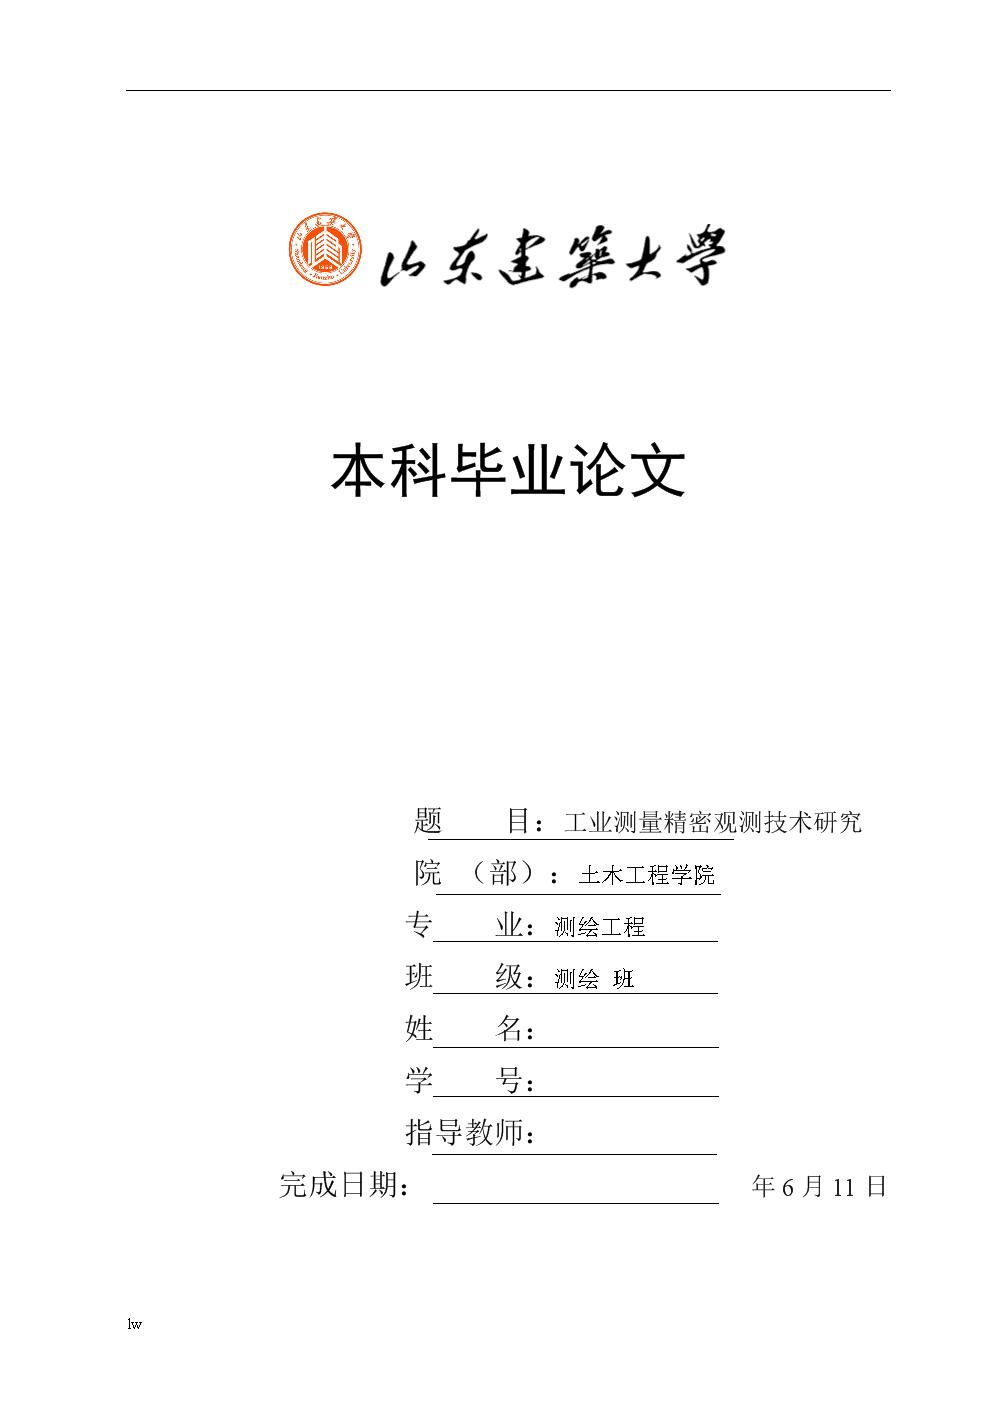 《工业测量精密观测技术研究》-毕业设计(论文).doc